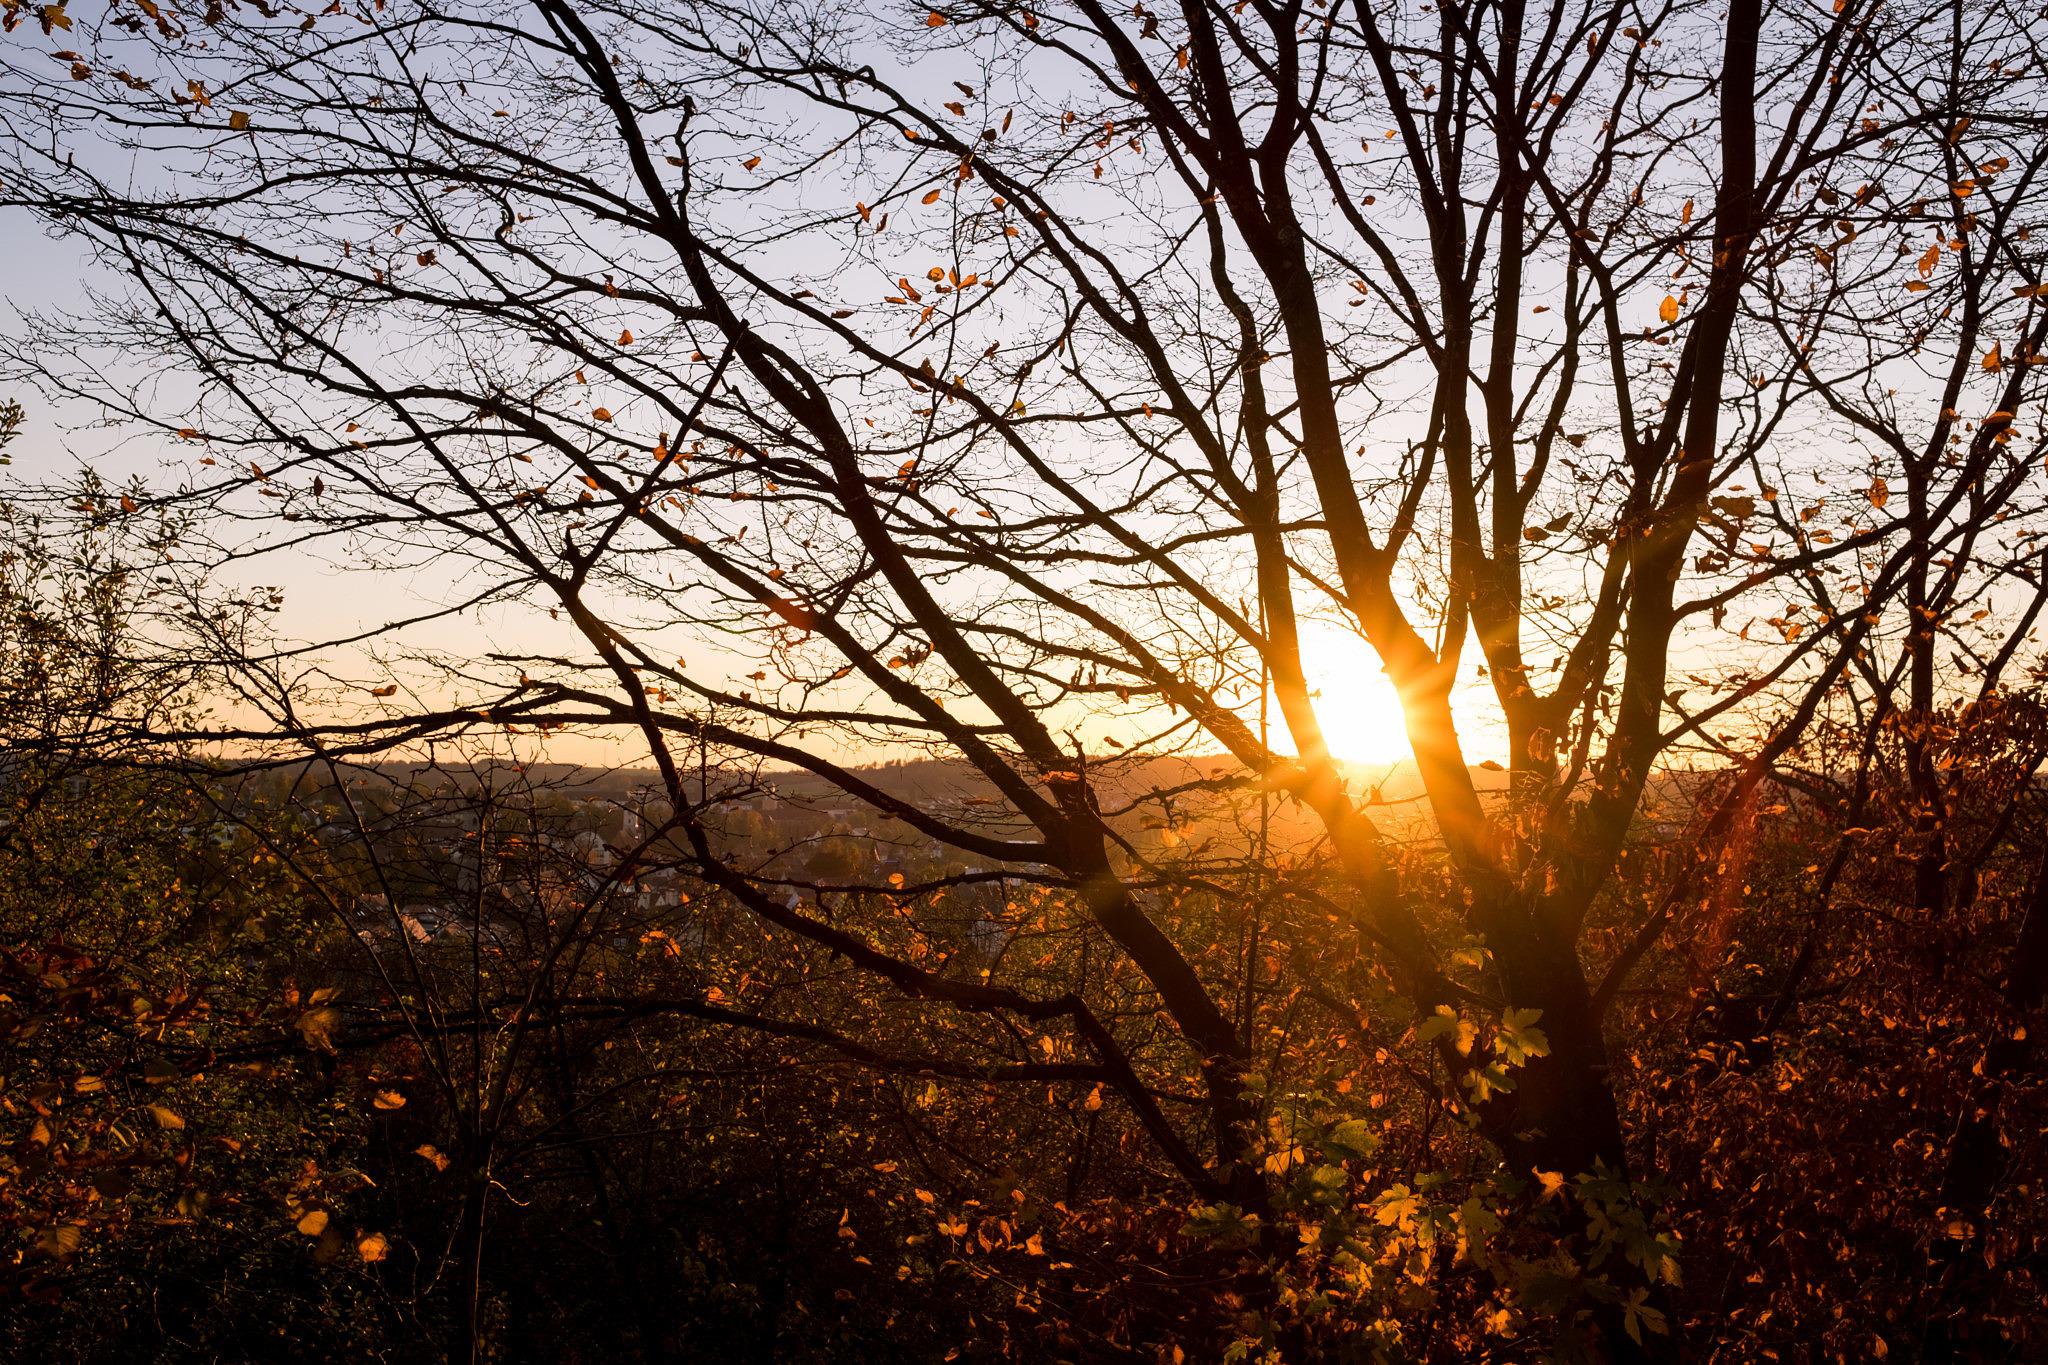 Goldener Herbst in Ellwangen - Symbolischer und endgültiger Abschied vom Sommer 2017